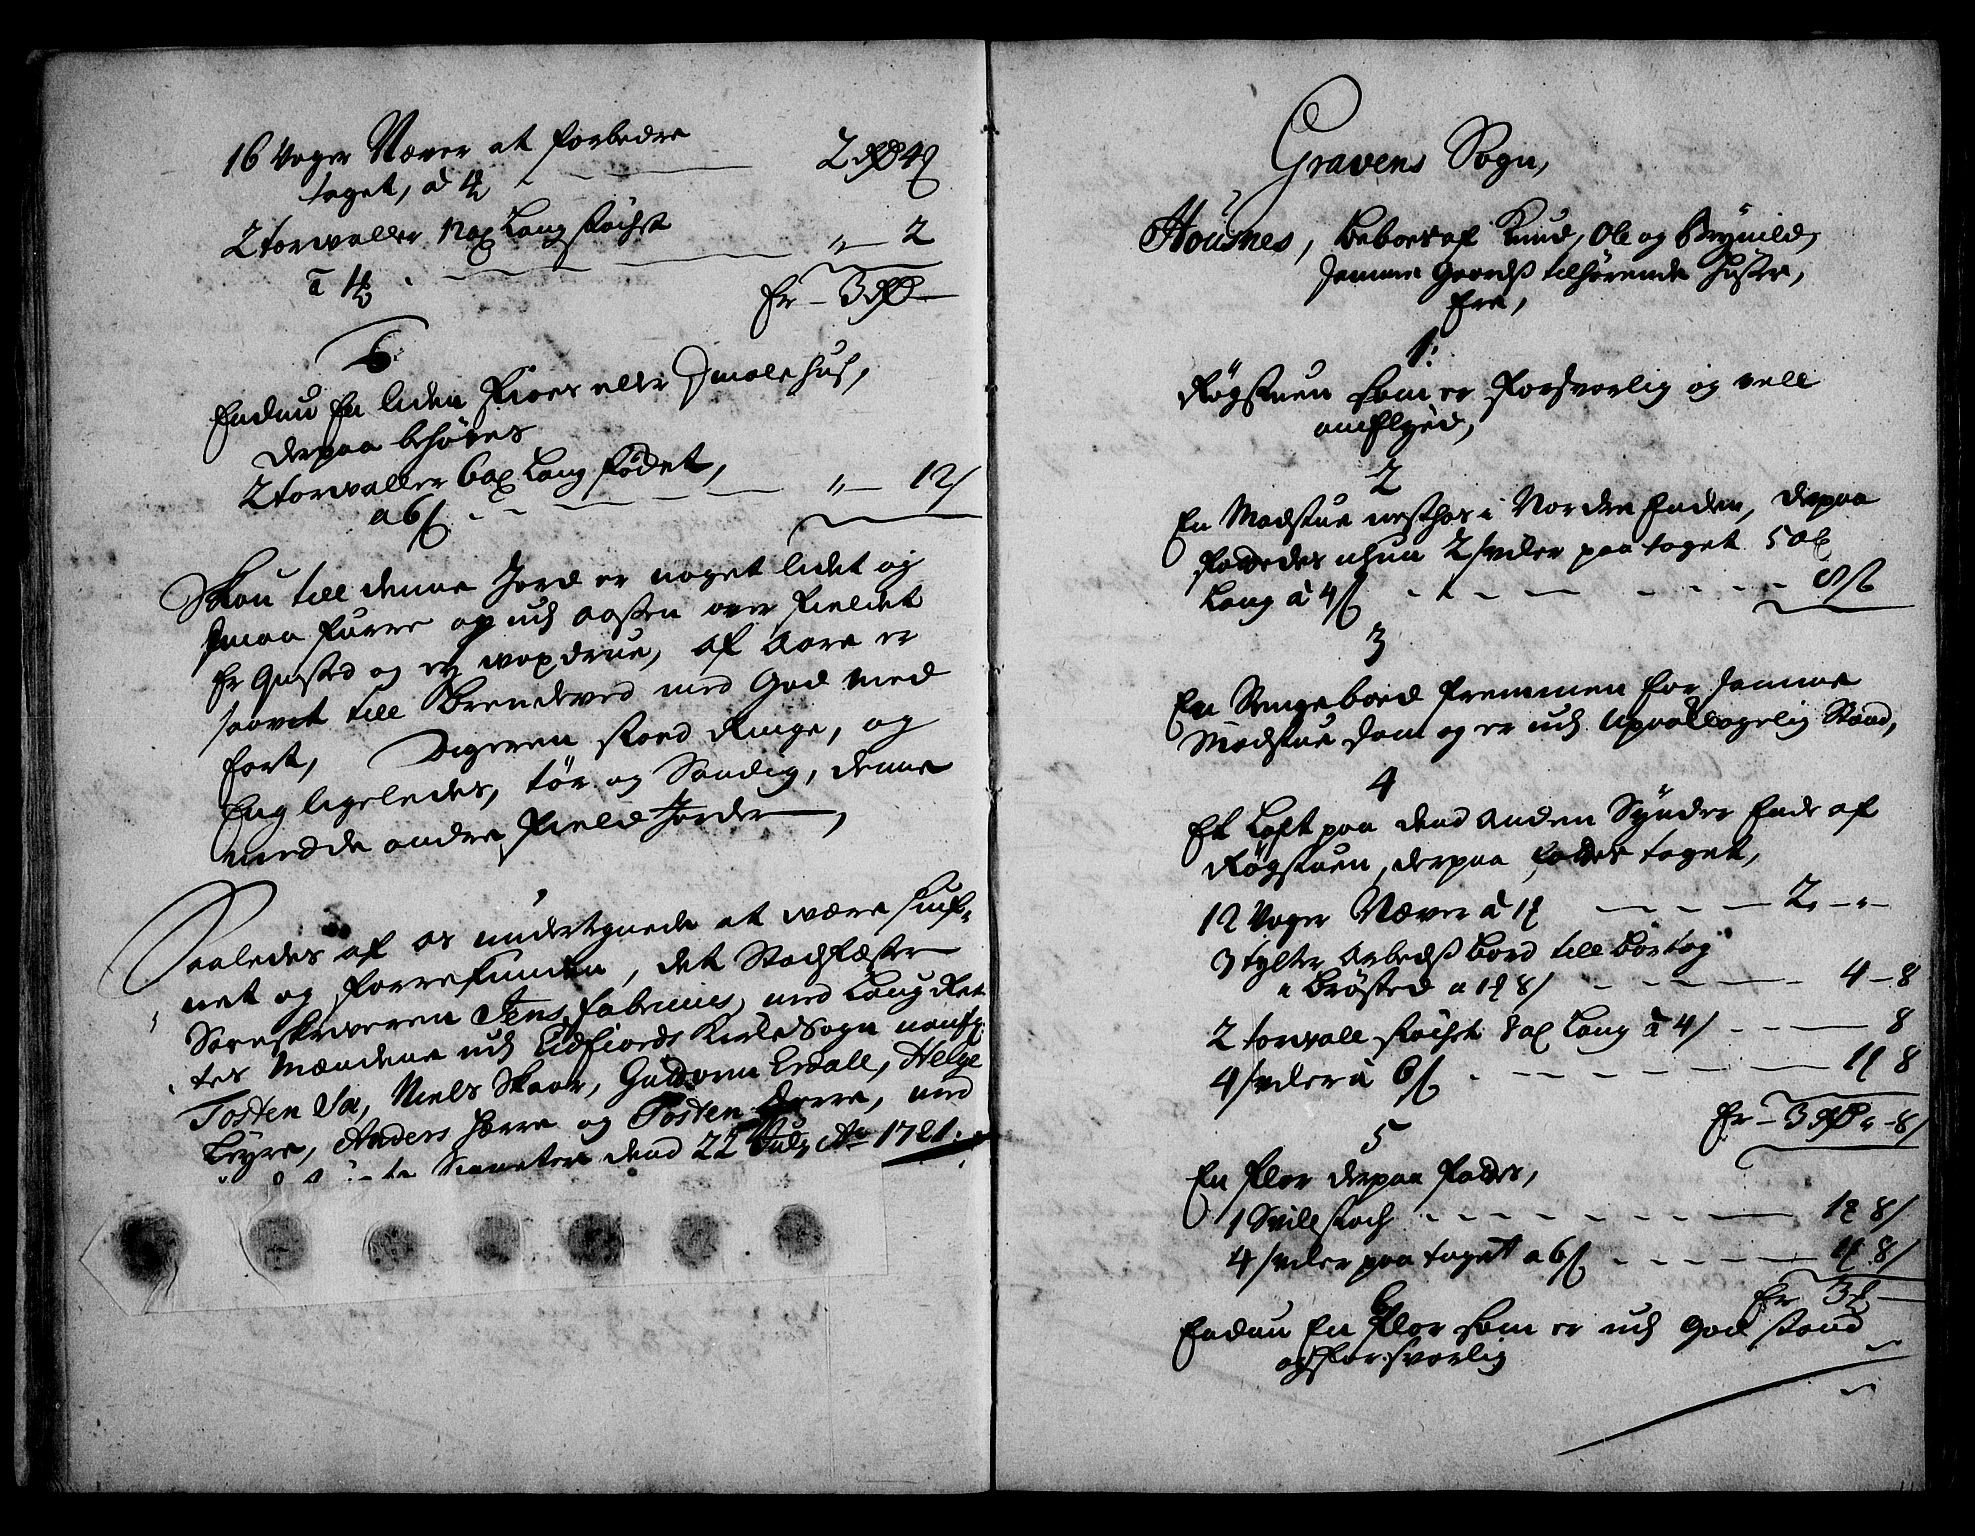 RA, Rentekammeret inntil 1814, Realistisk ordnet avdeling, On/L0003: [Jj 4]: Kommisjonsforretning over Vilhelm Hanssøns forpaktning av Halsnøy klosters gods, 1721-1729, s. 78